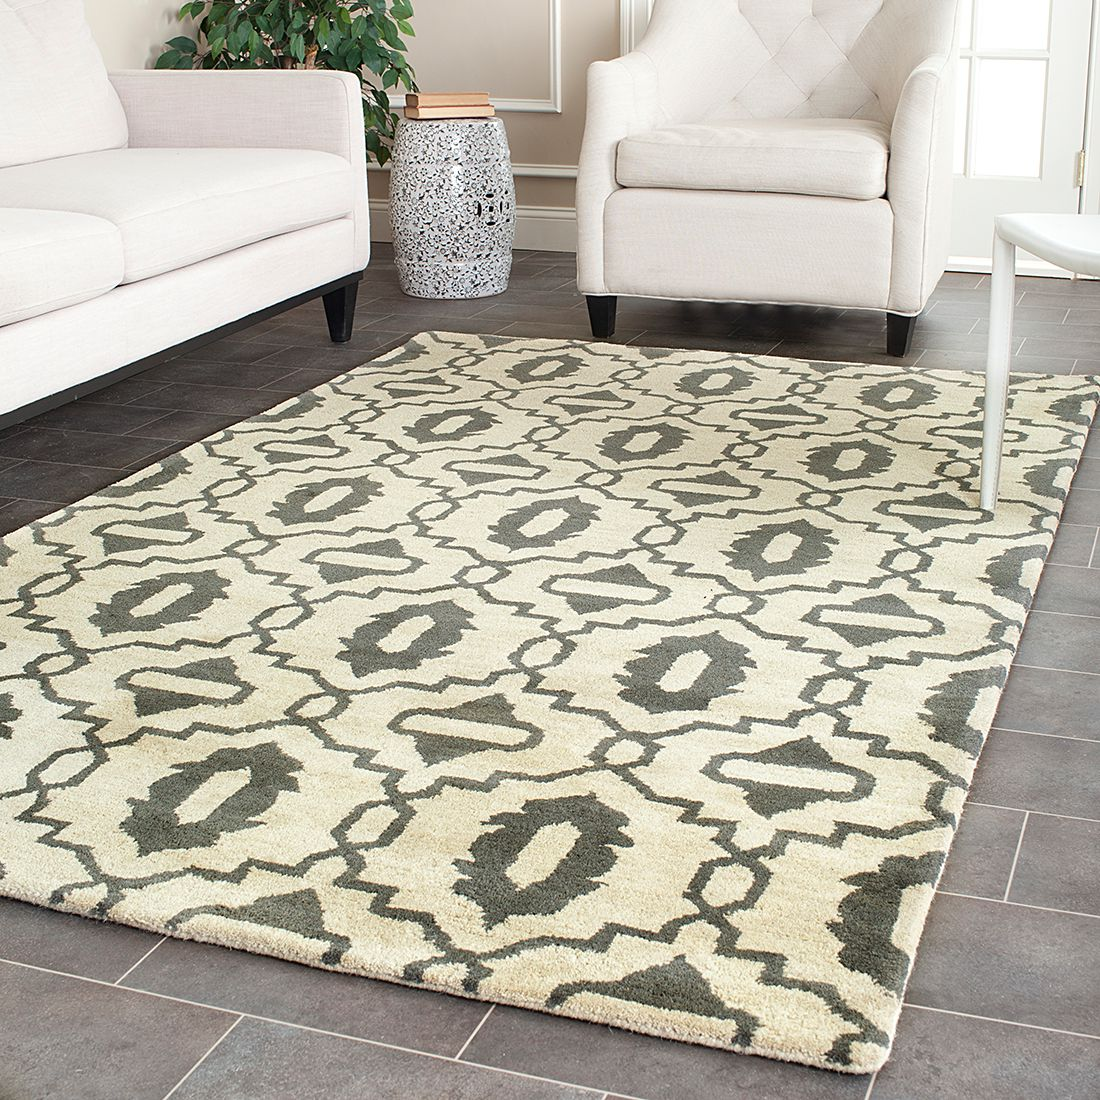 teppich mercer beige grau safavieh online bestellen. Black Bedroom Furniture Sets. Home Design Ideas